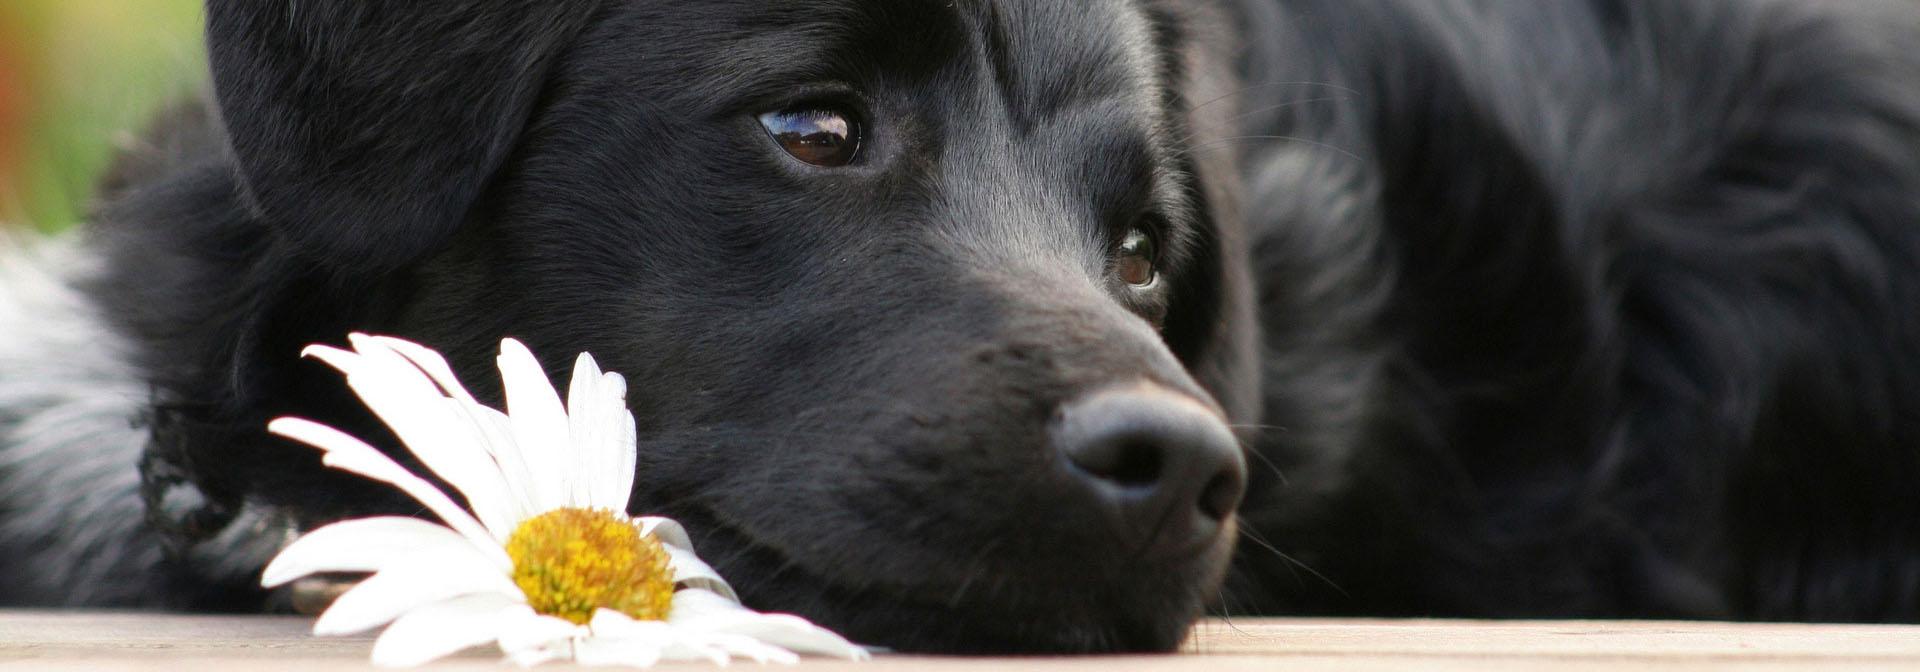 Тест на сообразительность собаки